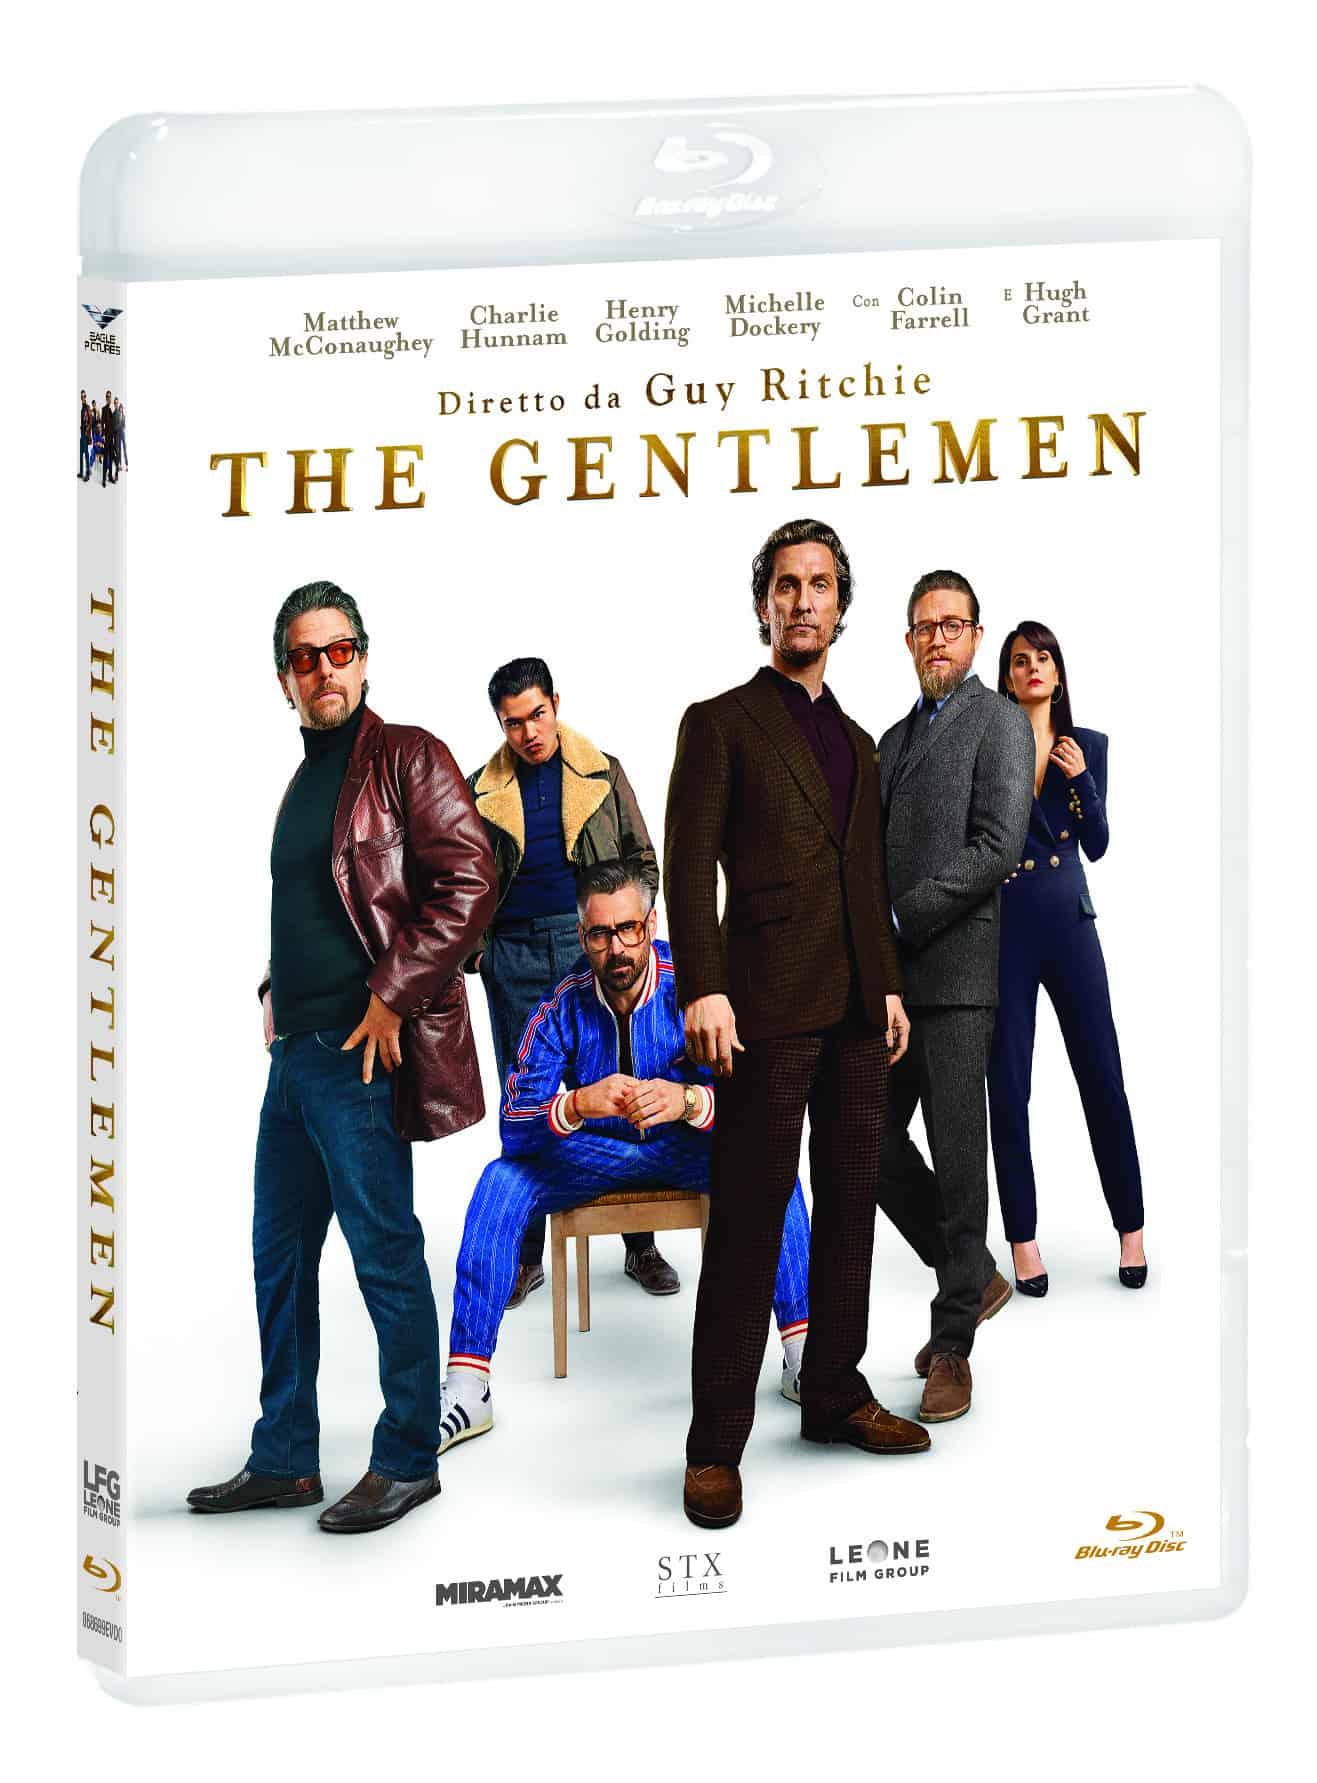 the gentlemen blu-ray homevideo